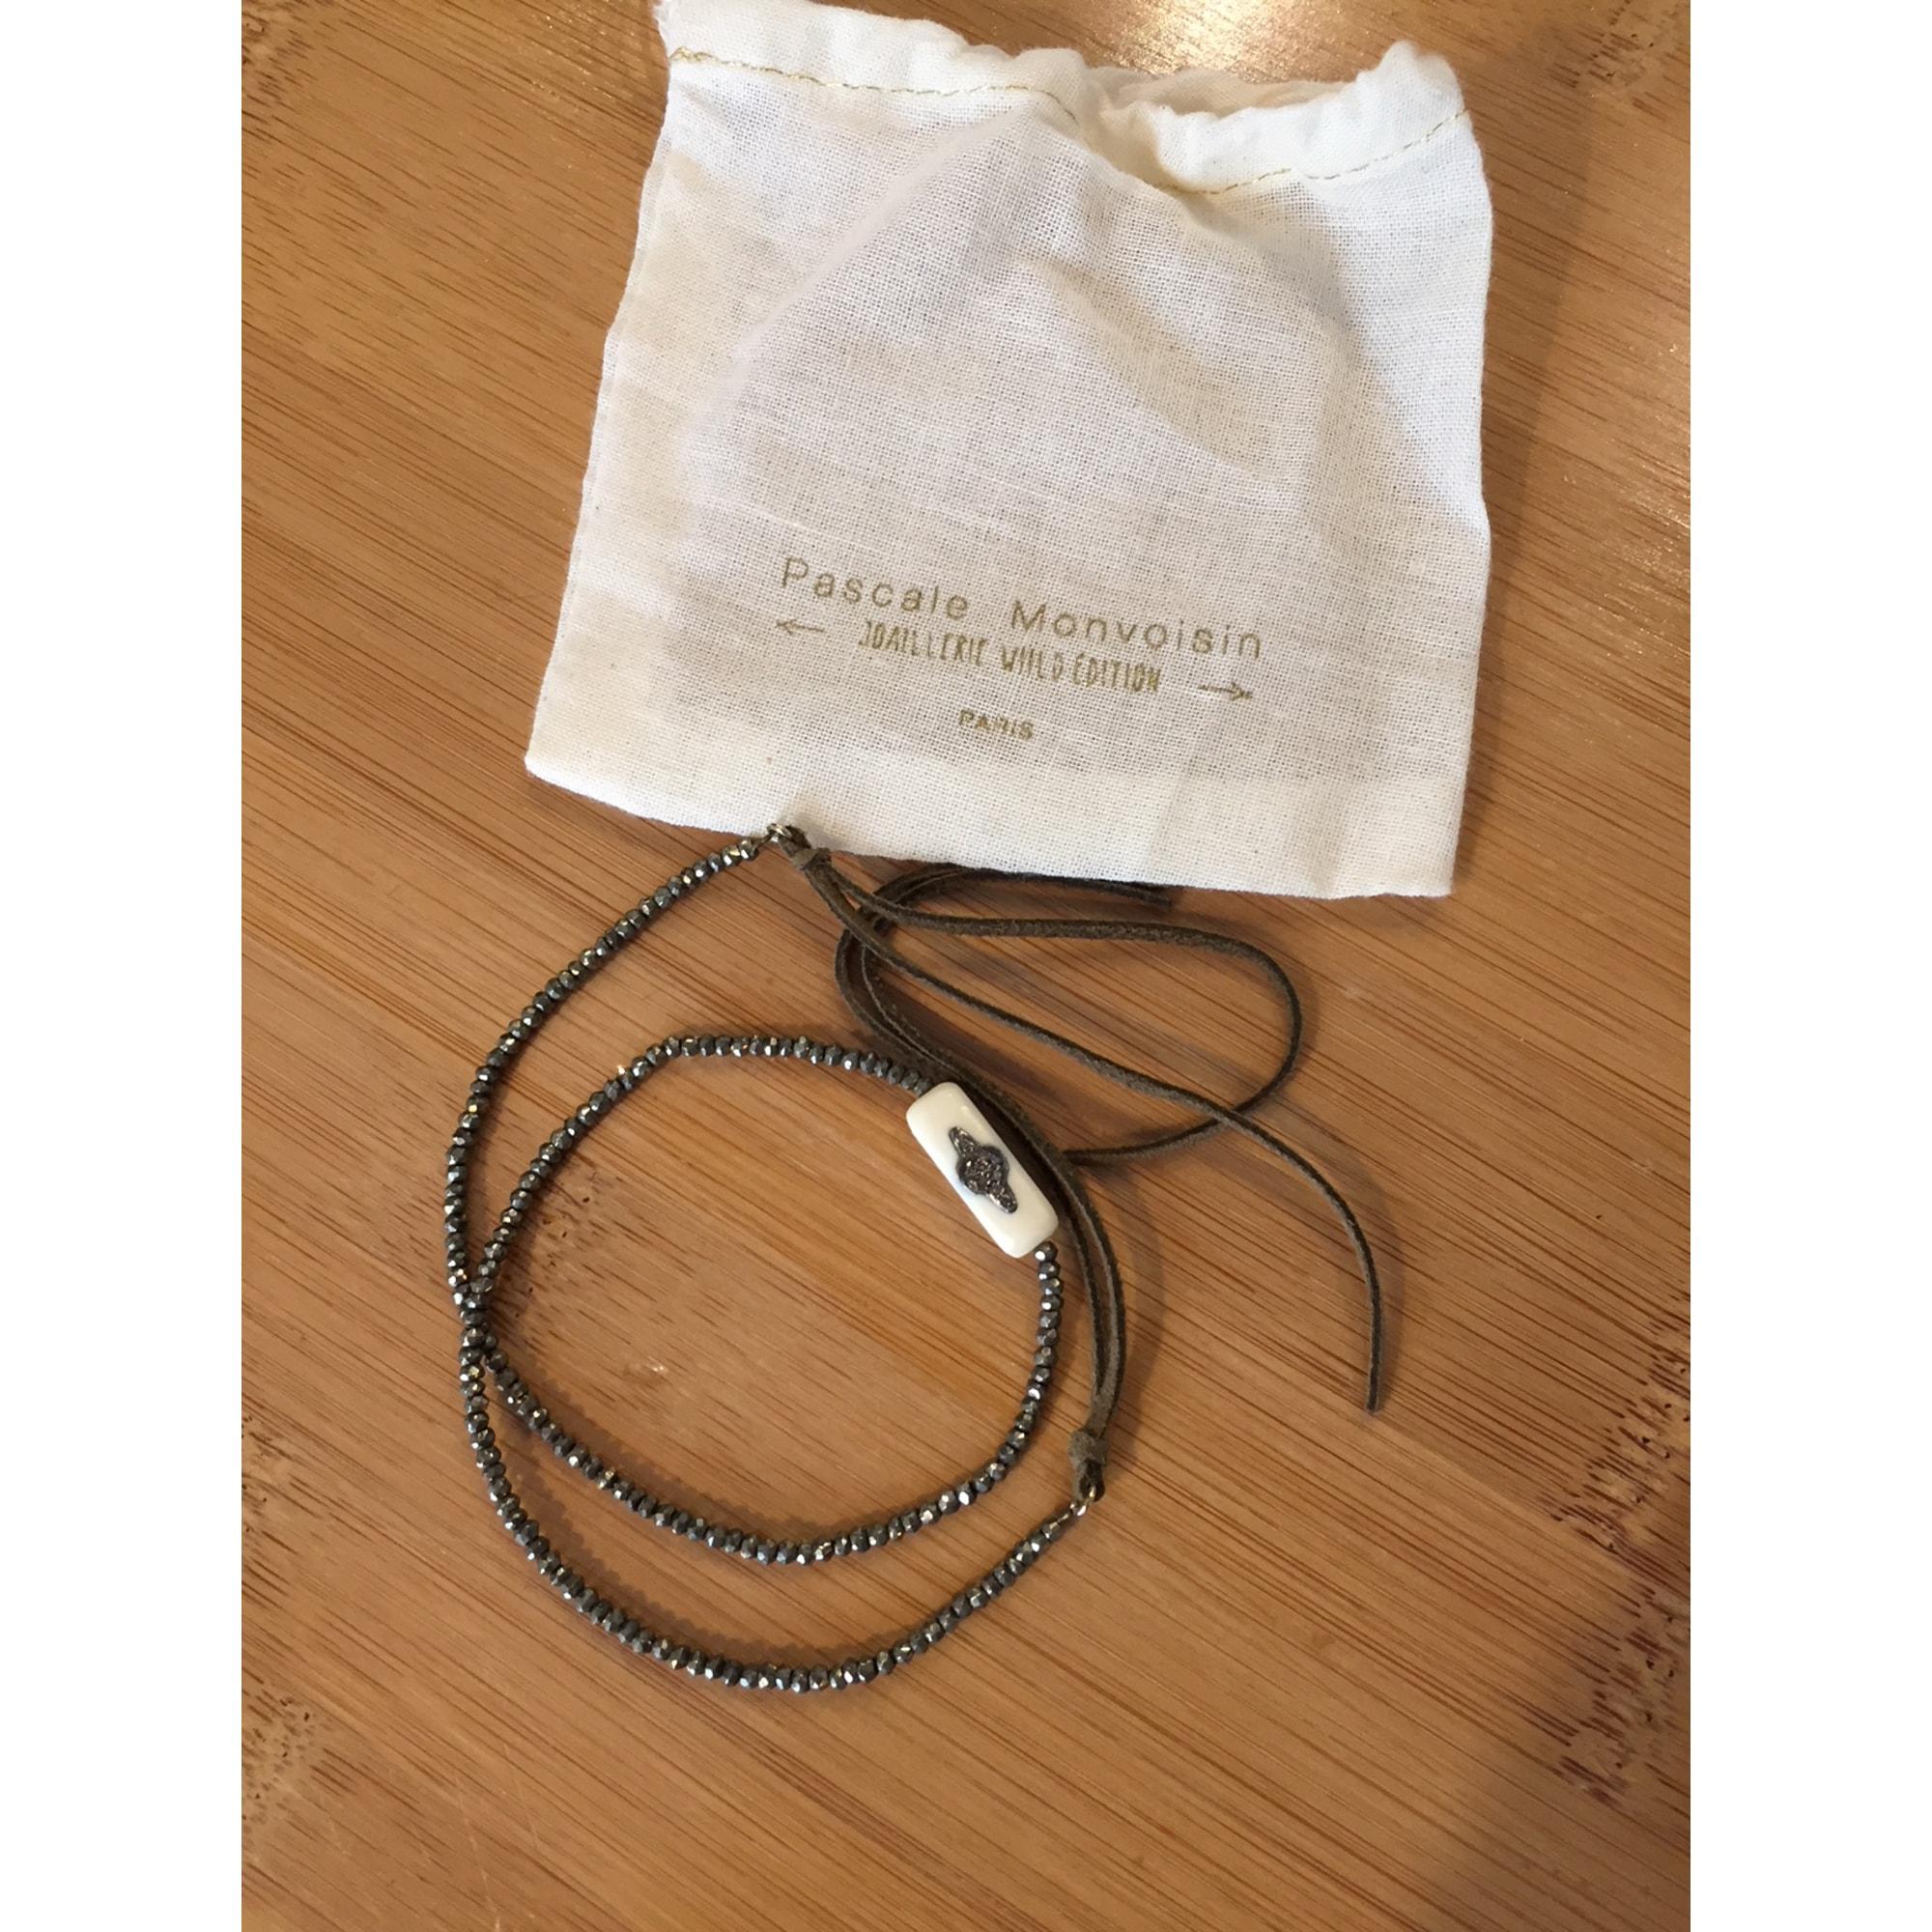 Bracelet PASCALE MONVOISIN pyrite et bakelite blanc